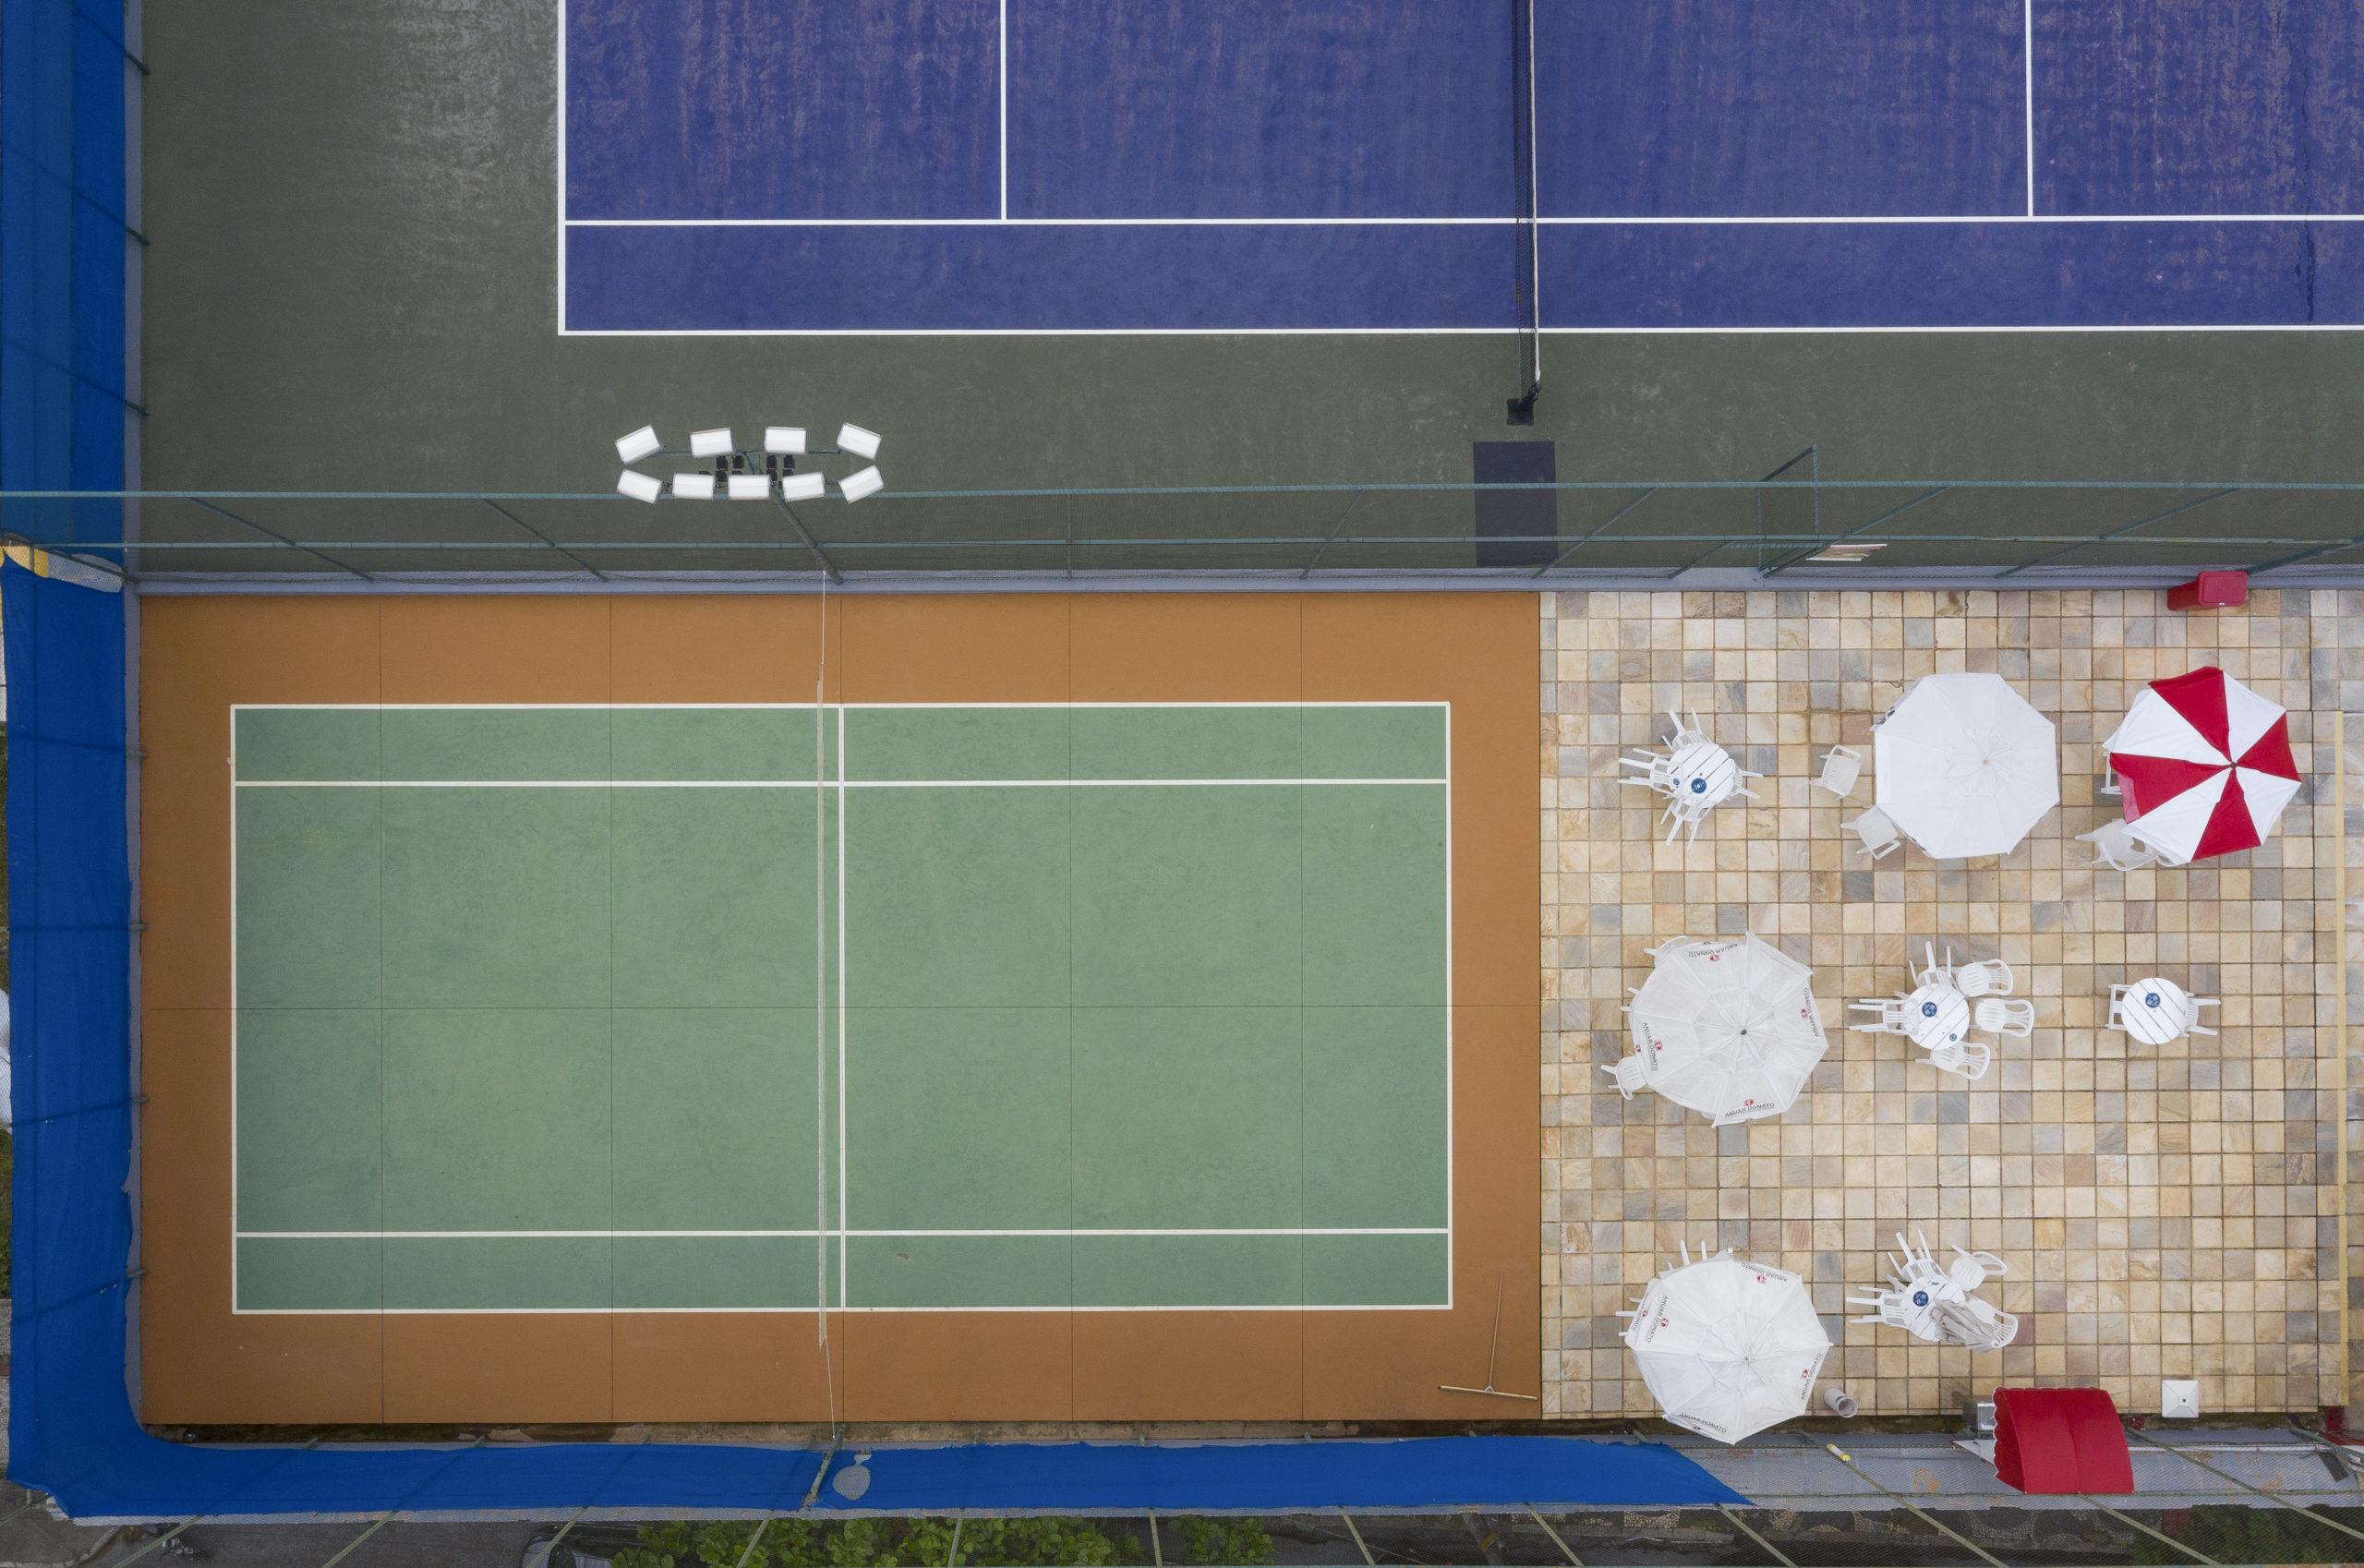 BRASIL / BELO HORIZONTE - 09.02.2021 - Barroca Tenis Clube, em Belo Horizonte, Minas Gerais. © Washington Alves/Light Press